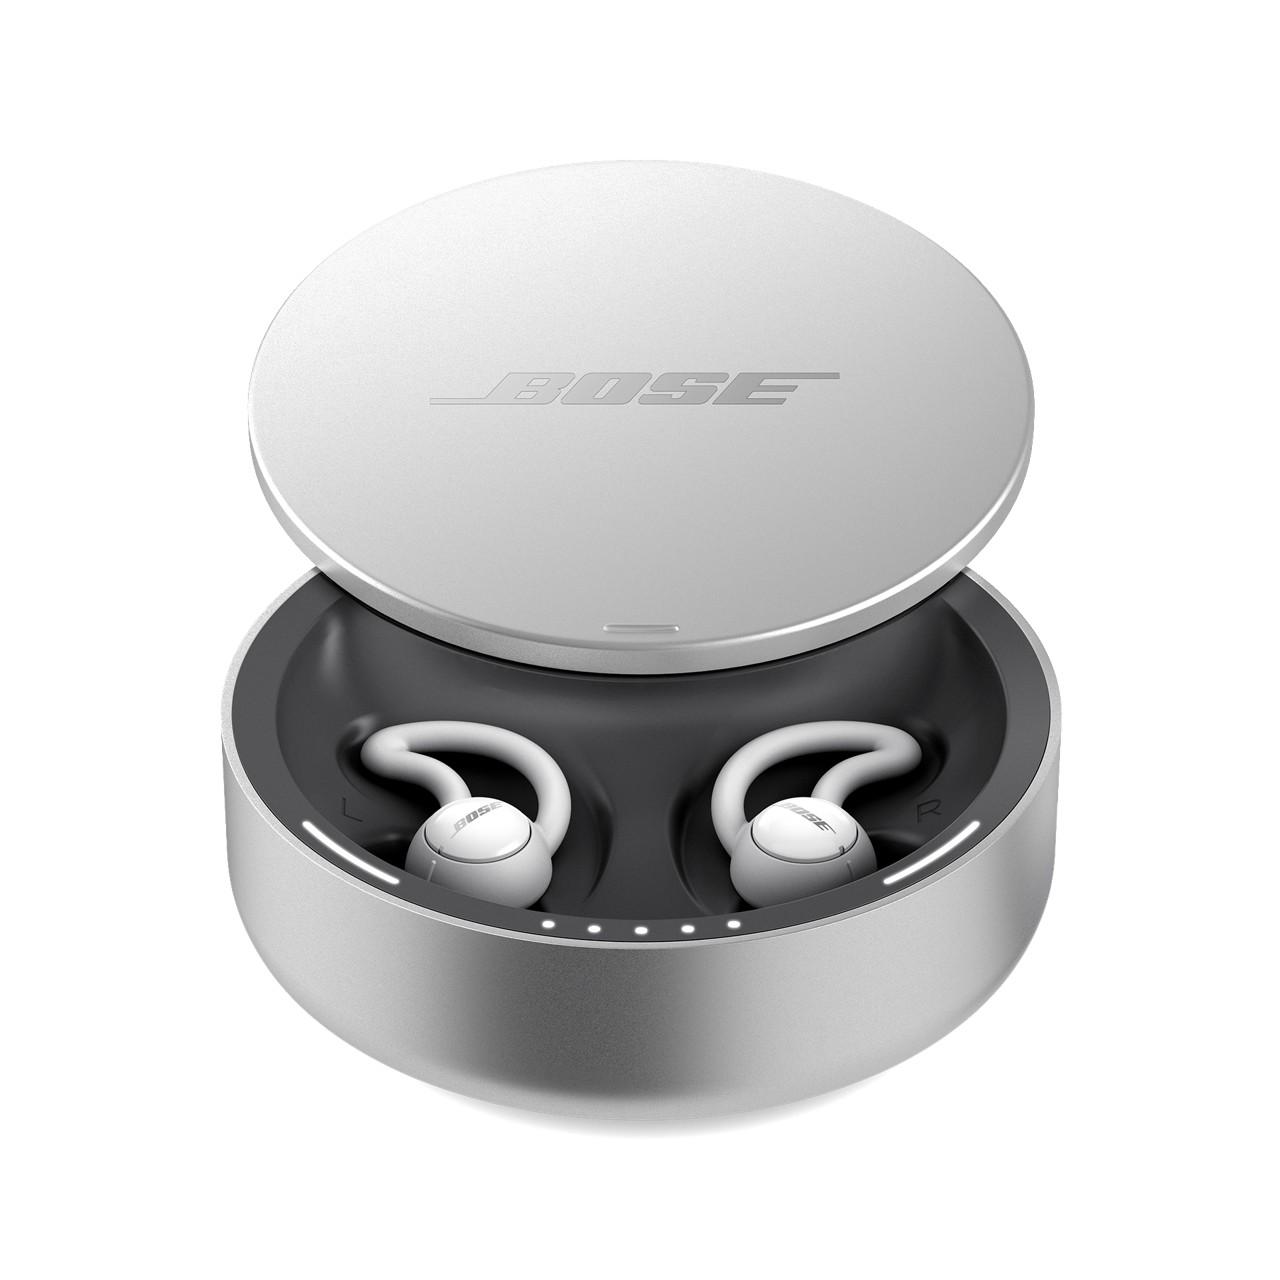 🎧 Nuevos audífonos para que duermas como un angelito